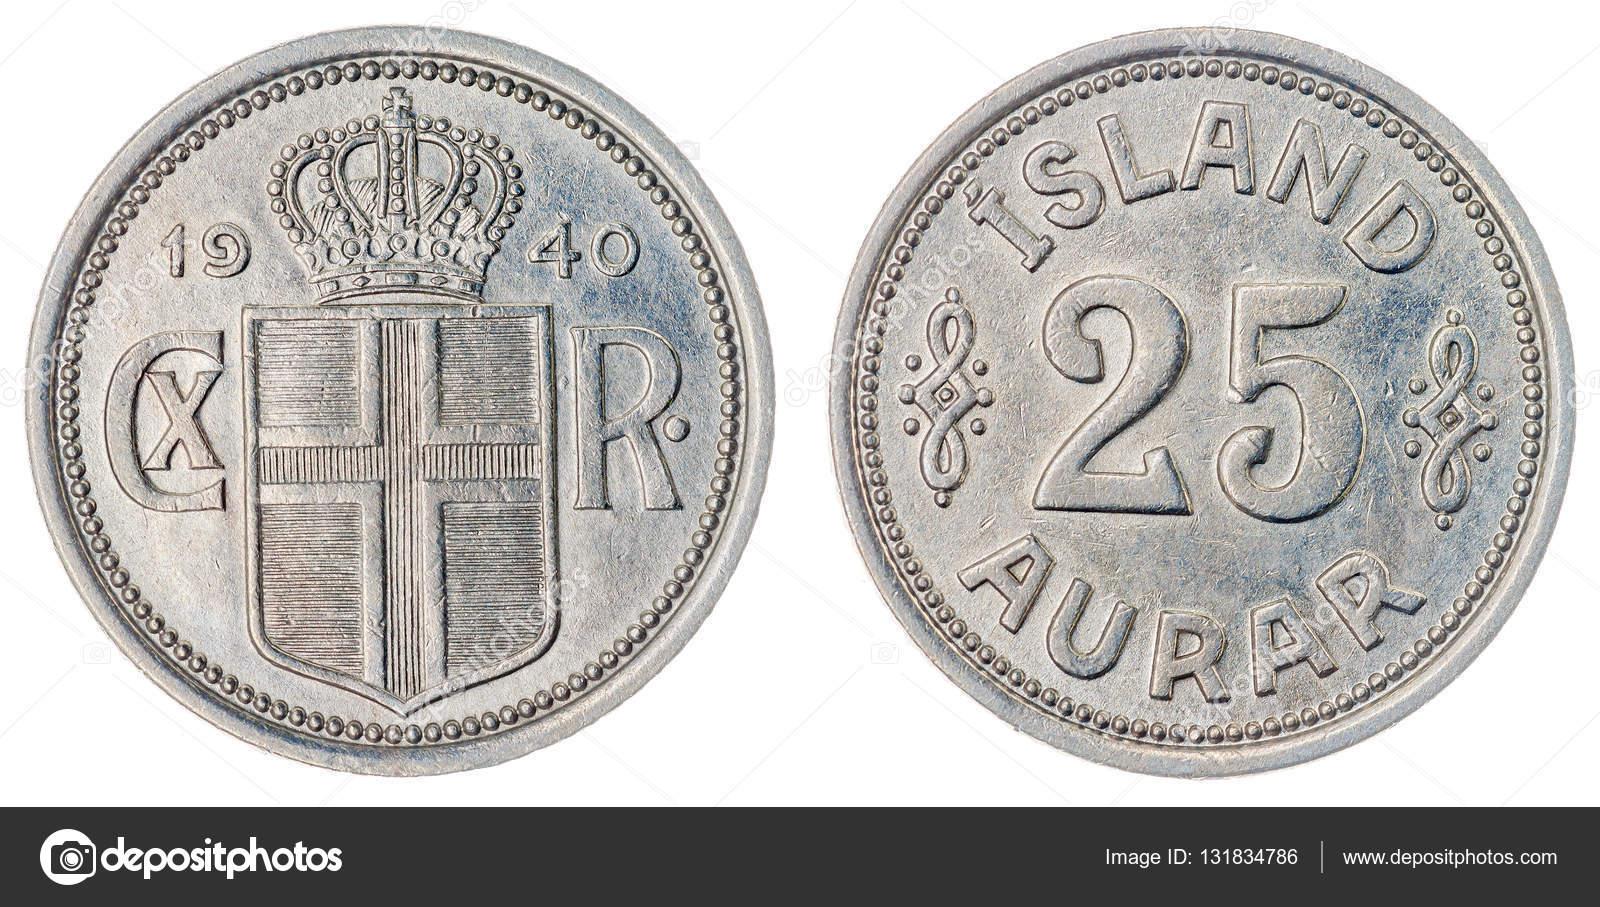 25 Aurar 1940 Münze Isoliert Auf Weißem Hintergrund Island